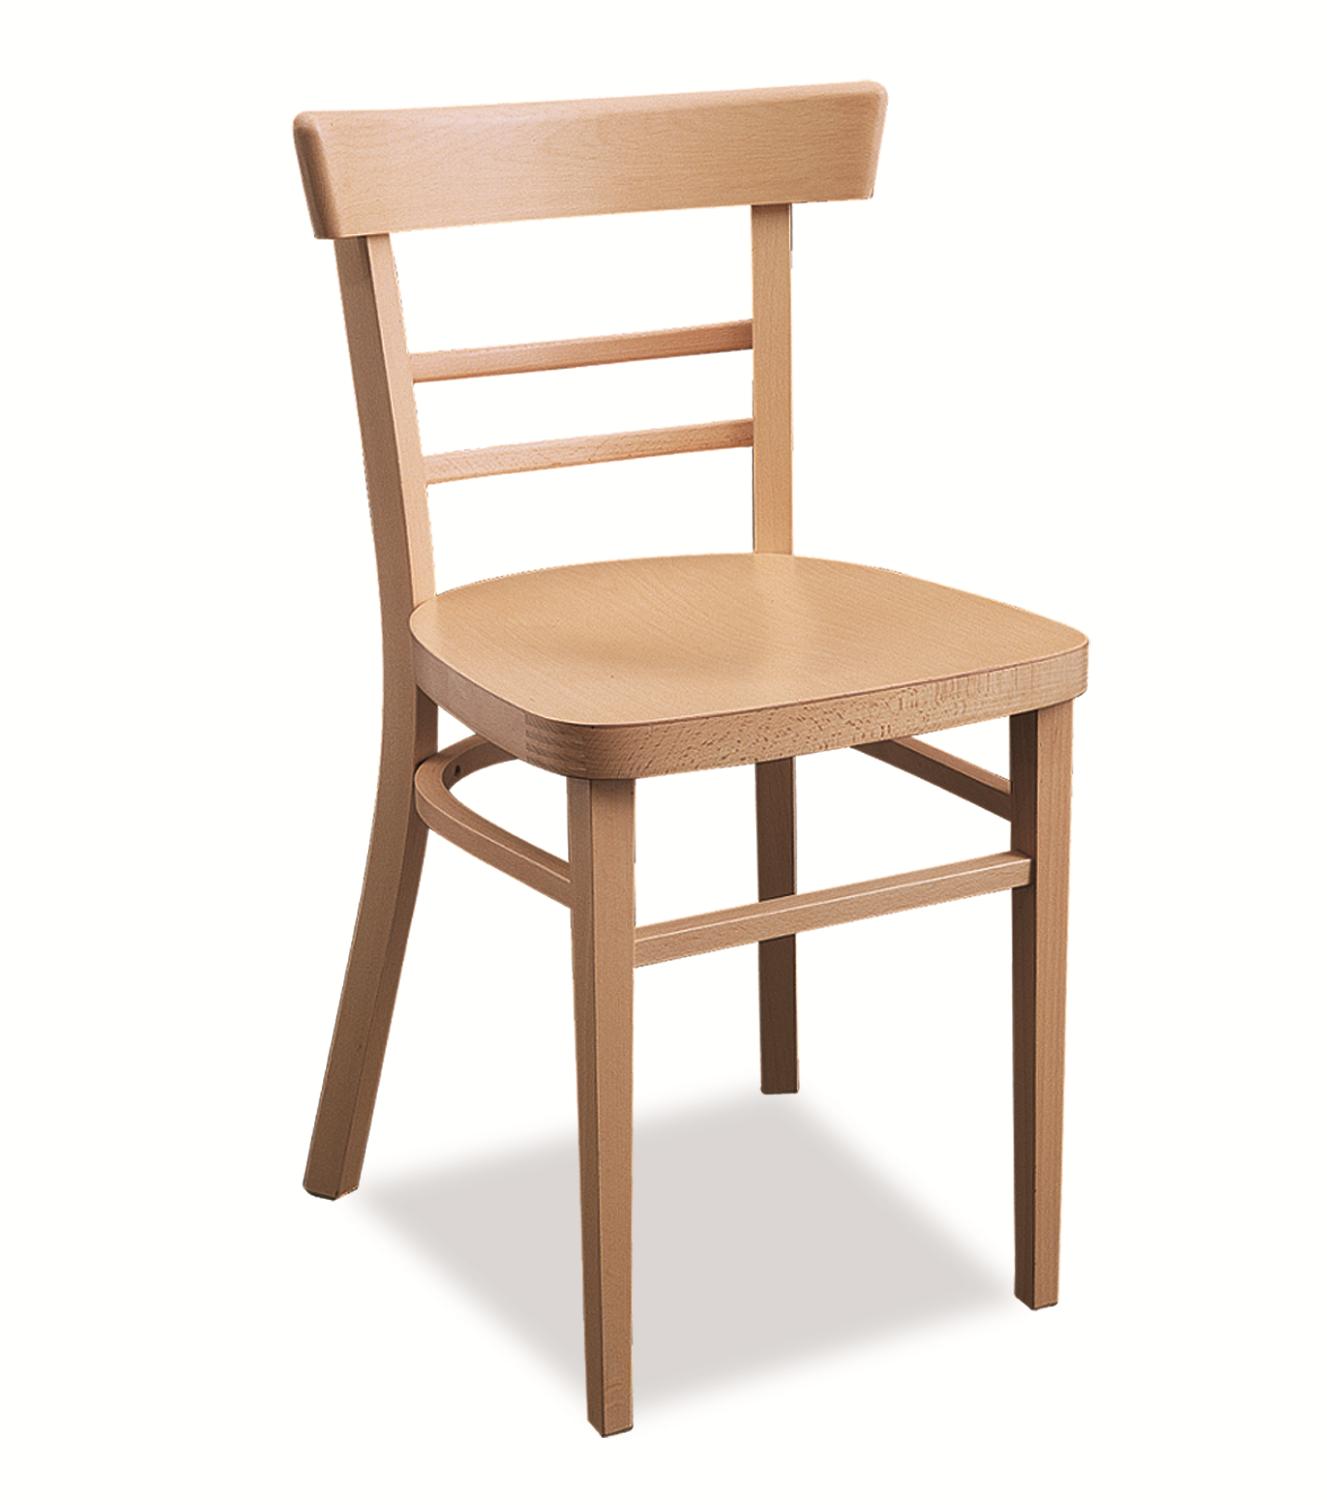 Krzesło Drewniane Lauretta Idealne I Wygodne Krzesło Do Kuchni